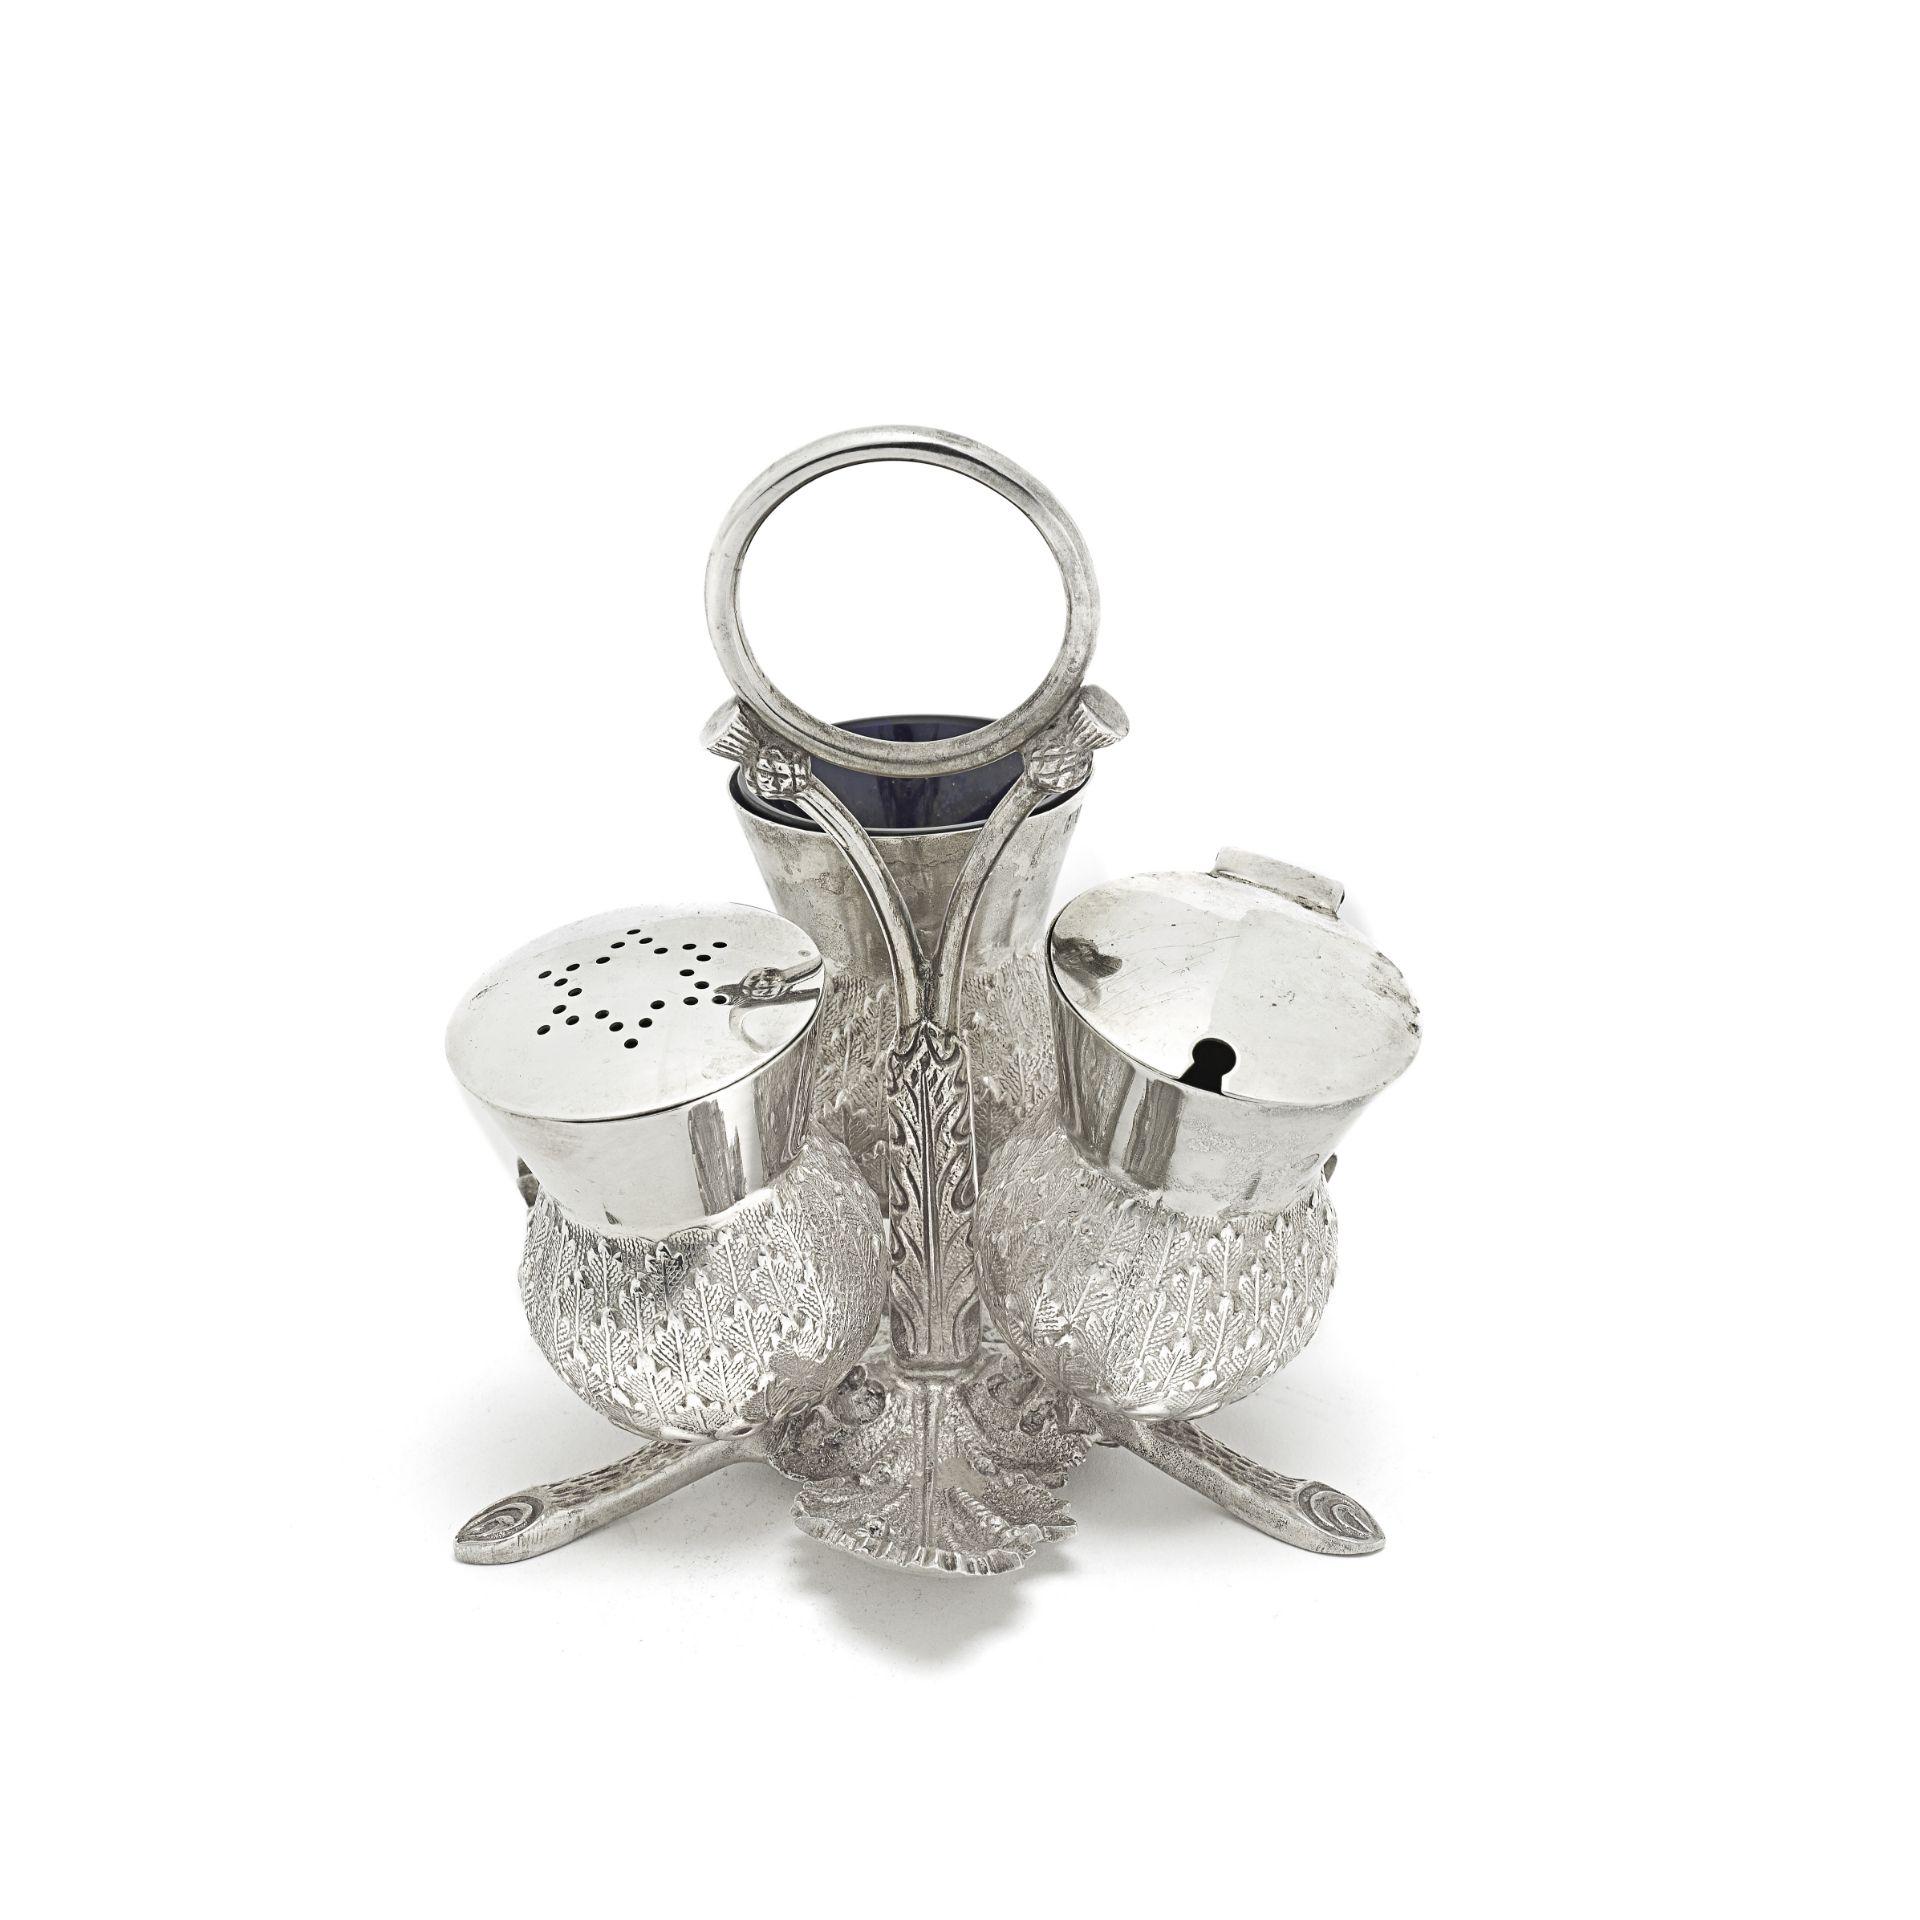 A Scottish silver novelty thistle cruet Hamilton & Inches, Edinburgh 1937